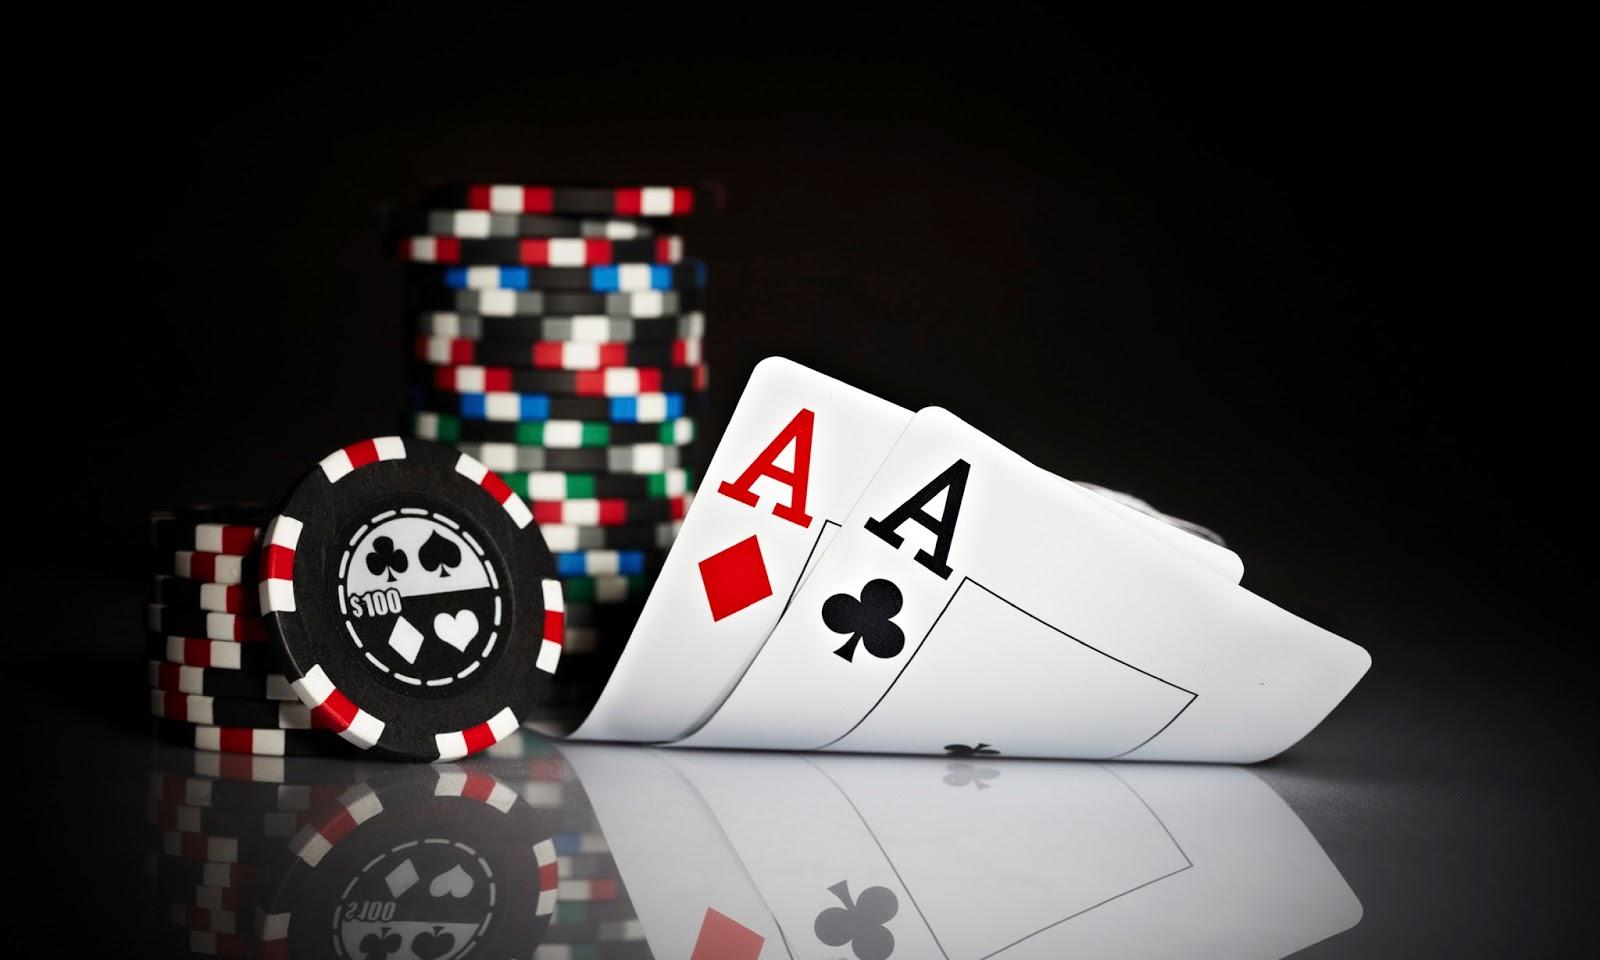 Pekerjaan Agen Judi di Situs Poker Online yang Harus Anda Ketahui